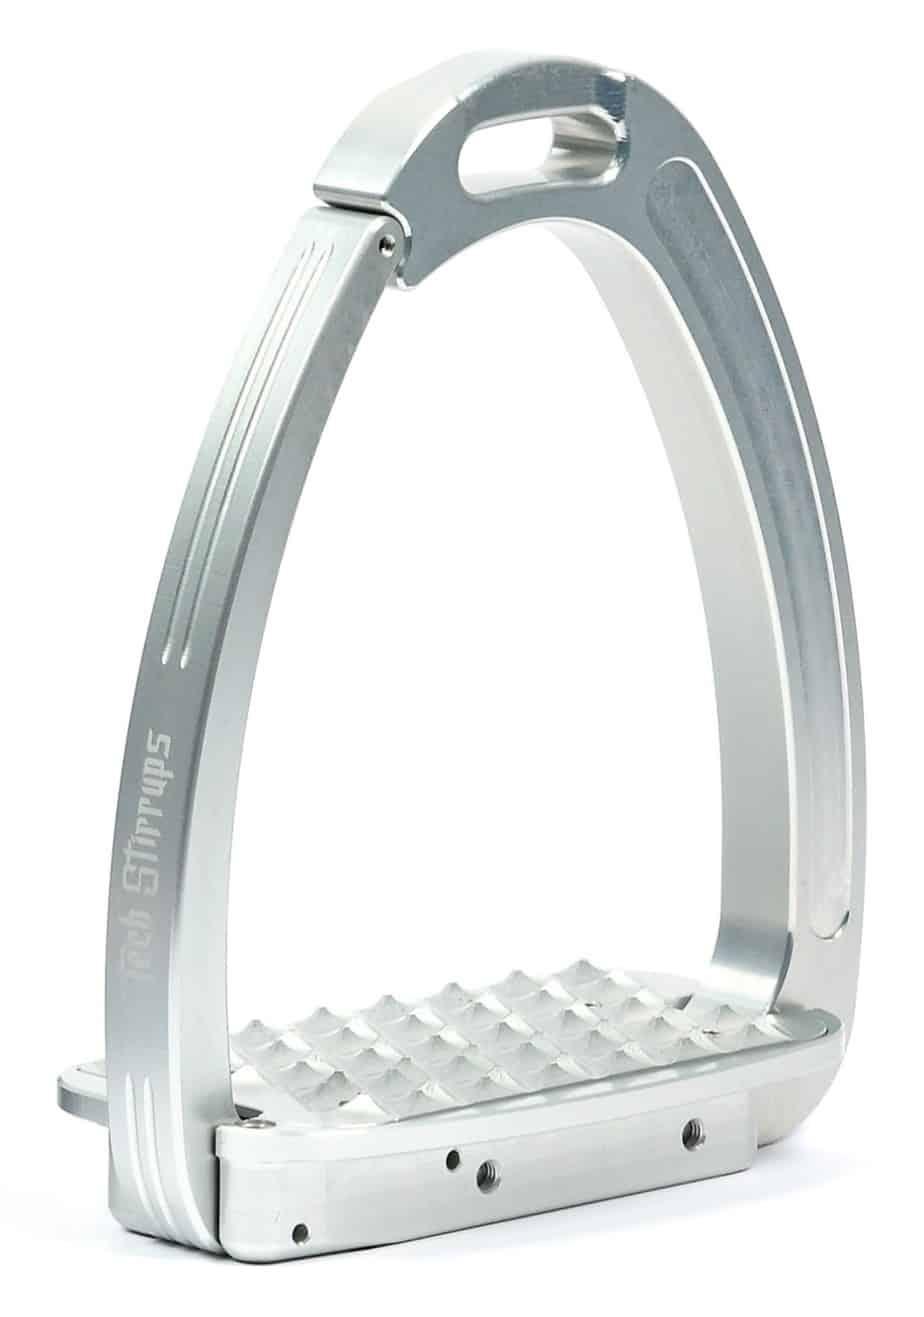 Tech Venice Silver Stirrups